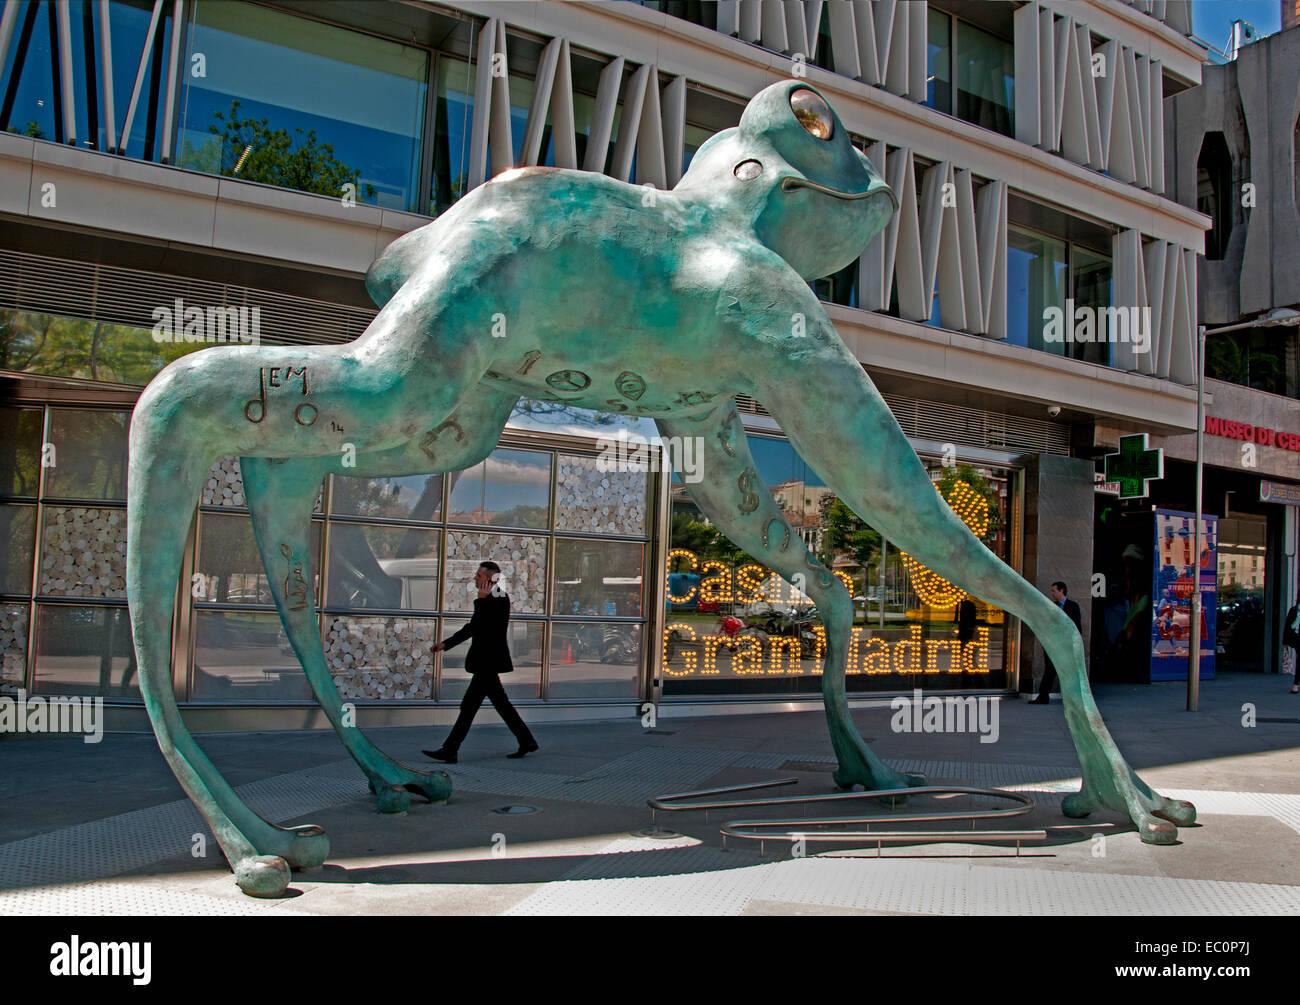 Una rana gigante se ha instalado en frente del Casino Gran Madrid Colón en Paseo de Recoletos. Las ranas son Imagen De Stock